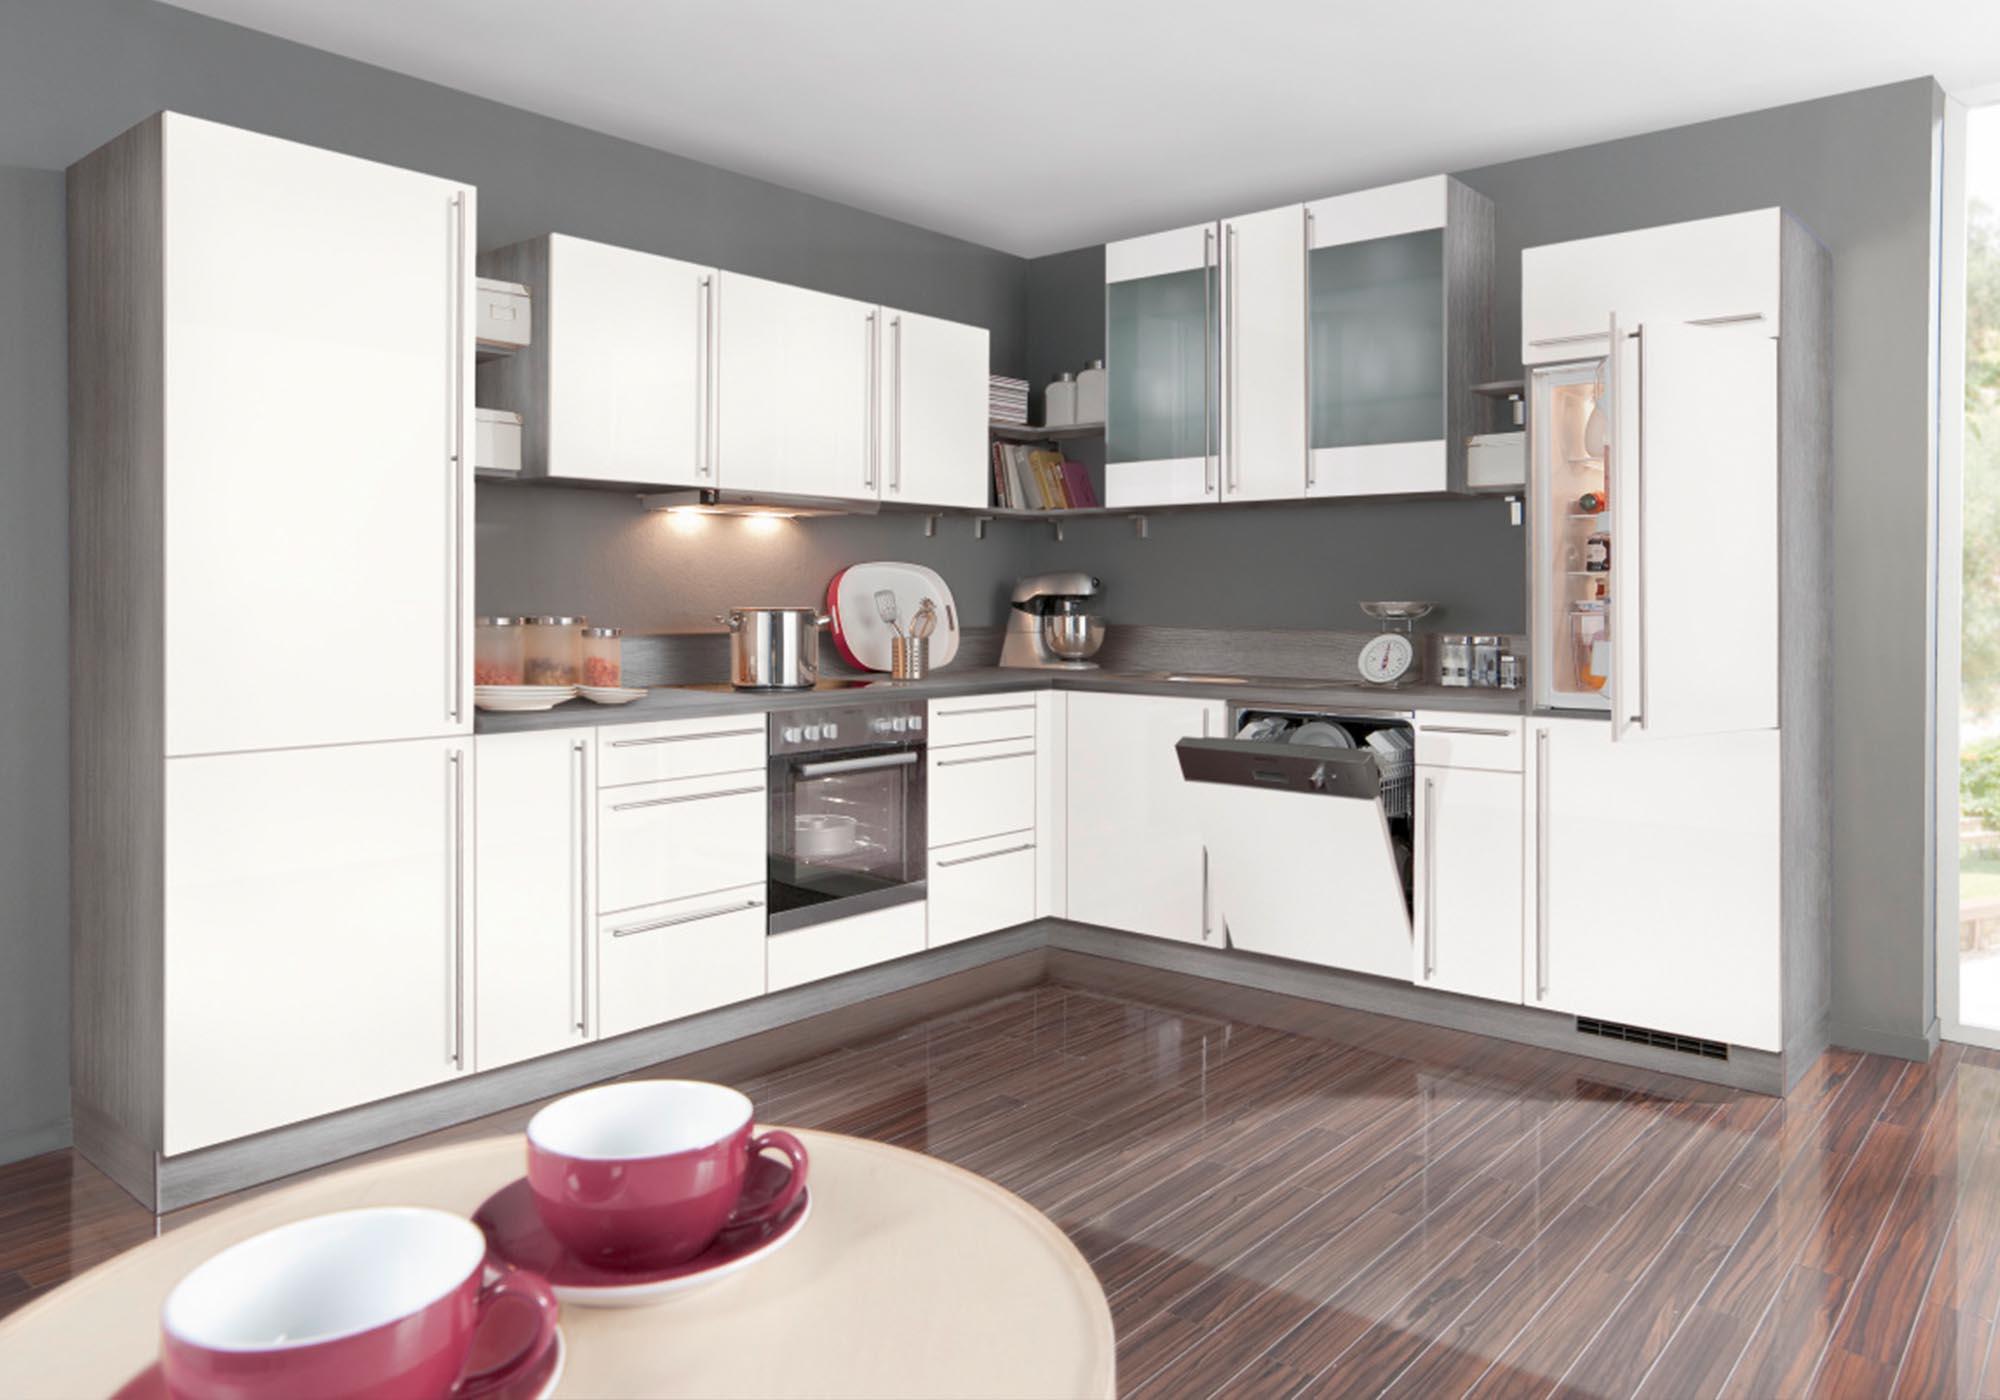 Küchen-Formen: L-Form Küchenbeispiel